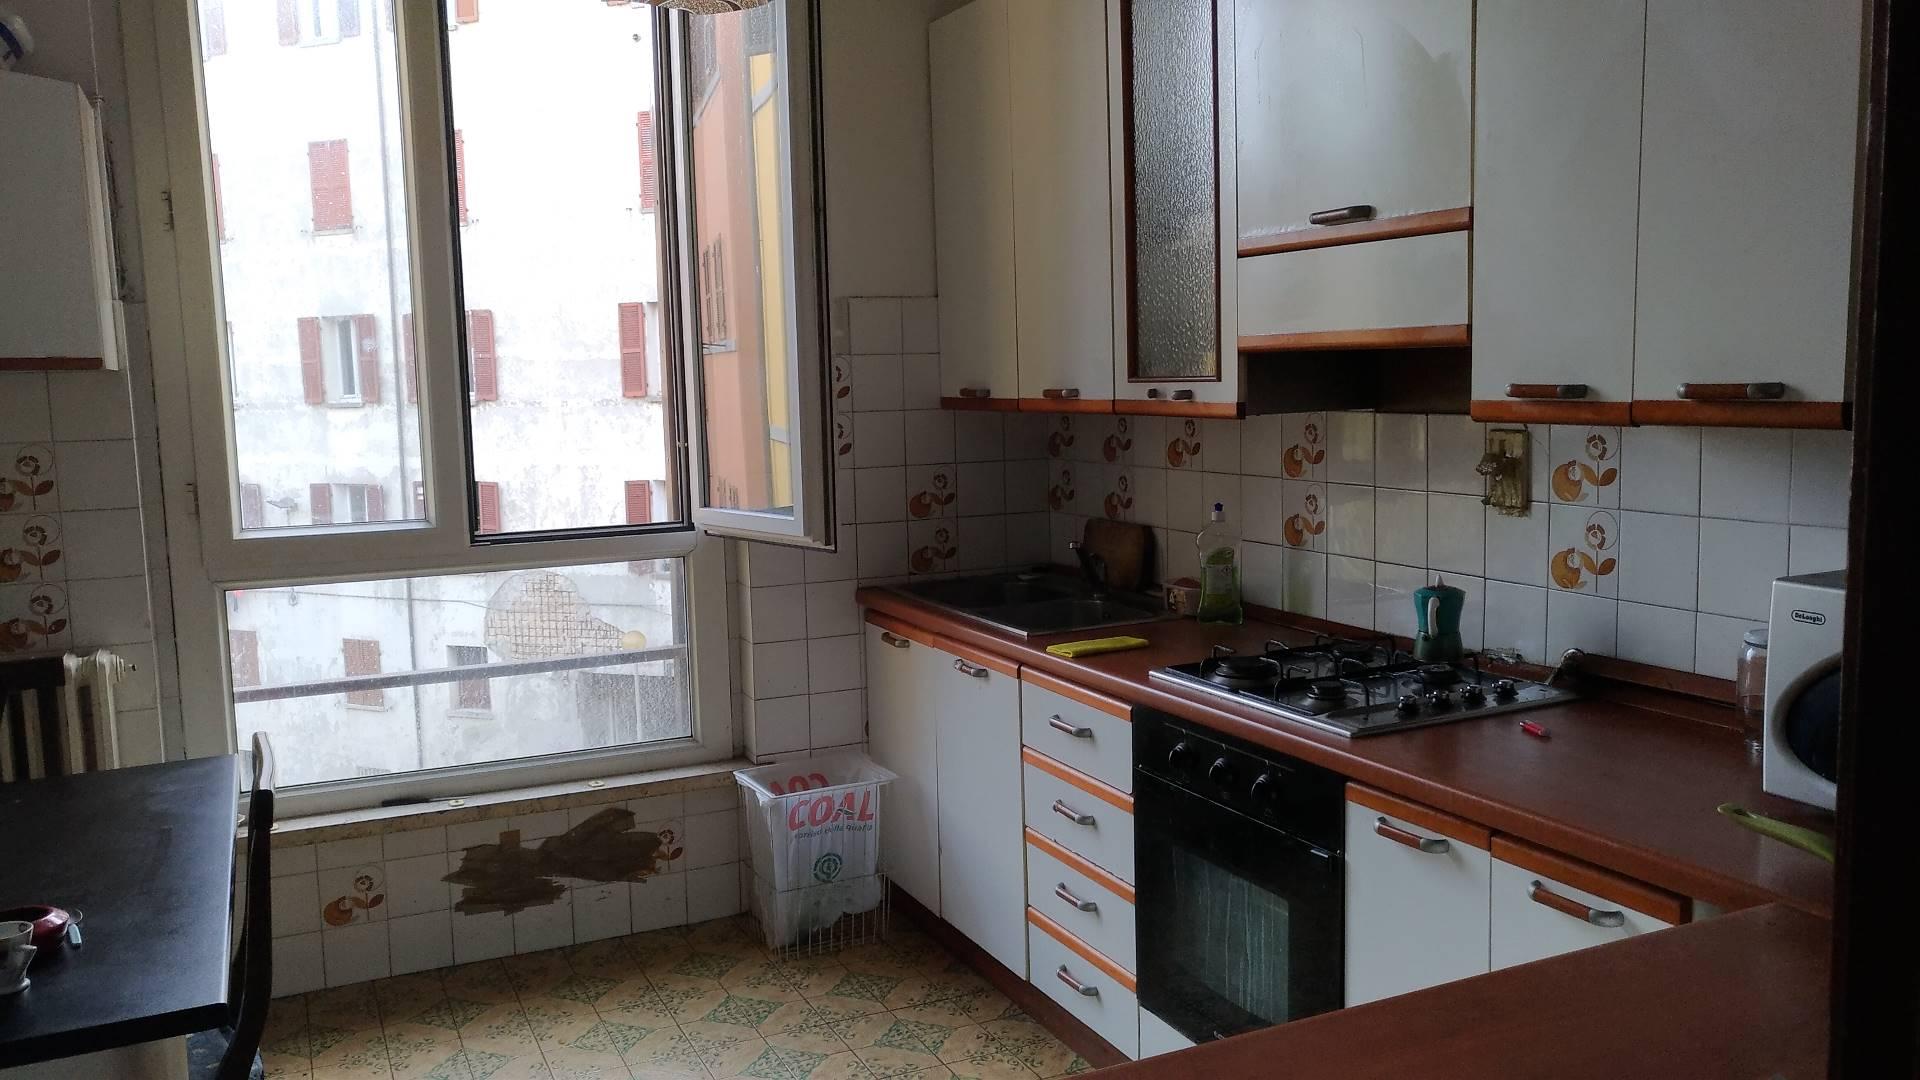 Appartamento in affitto a Ancona, 6 locali, zona Località: Centrostorico, Trattative riservate   Cambio Casa.it